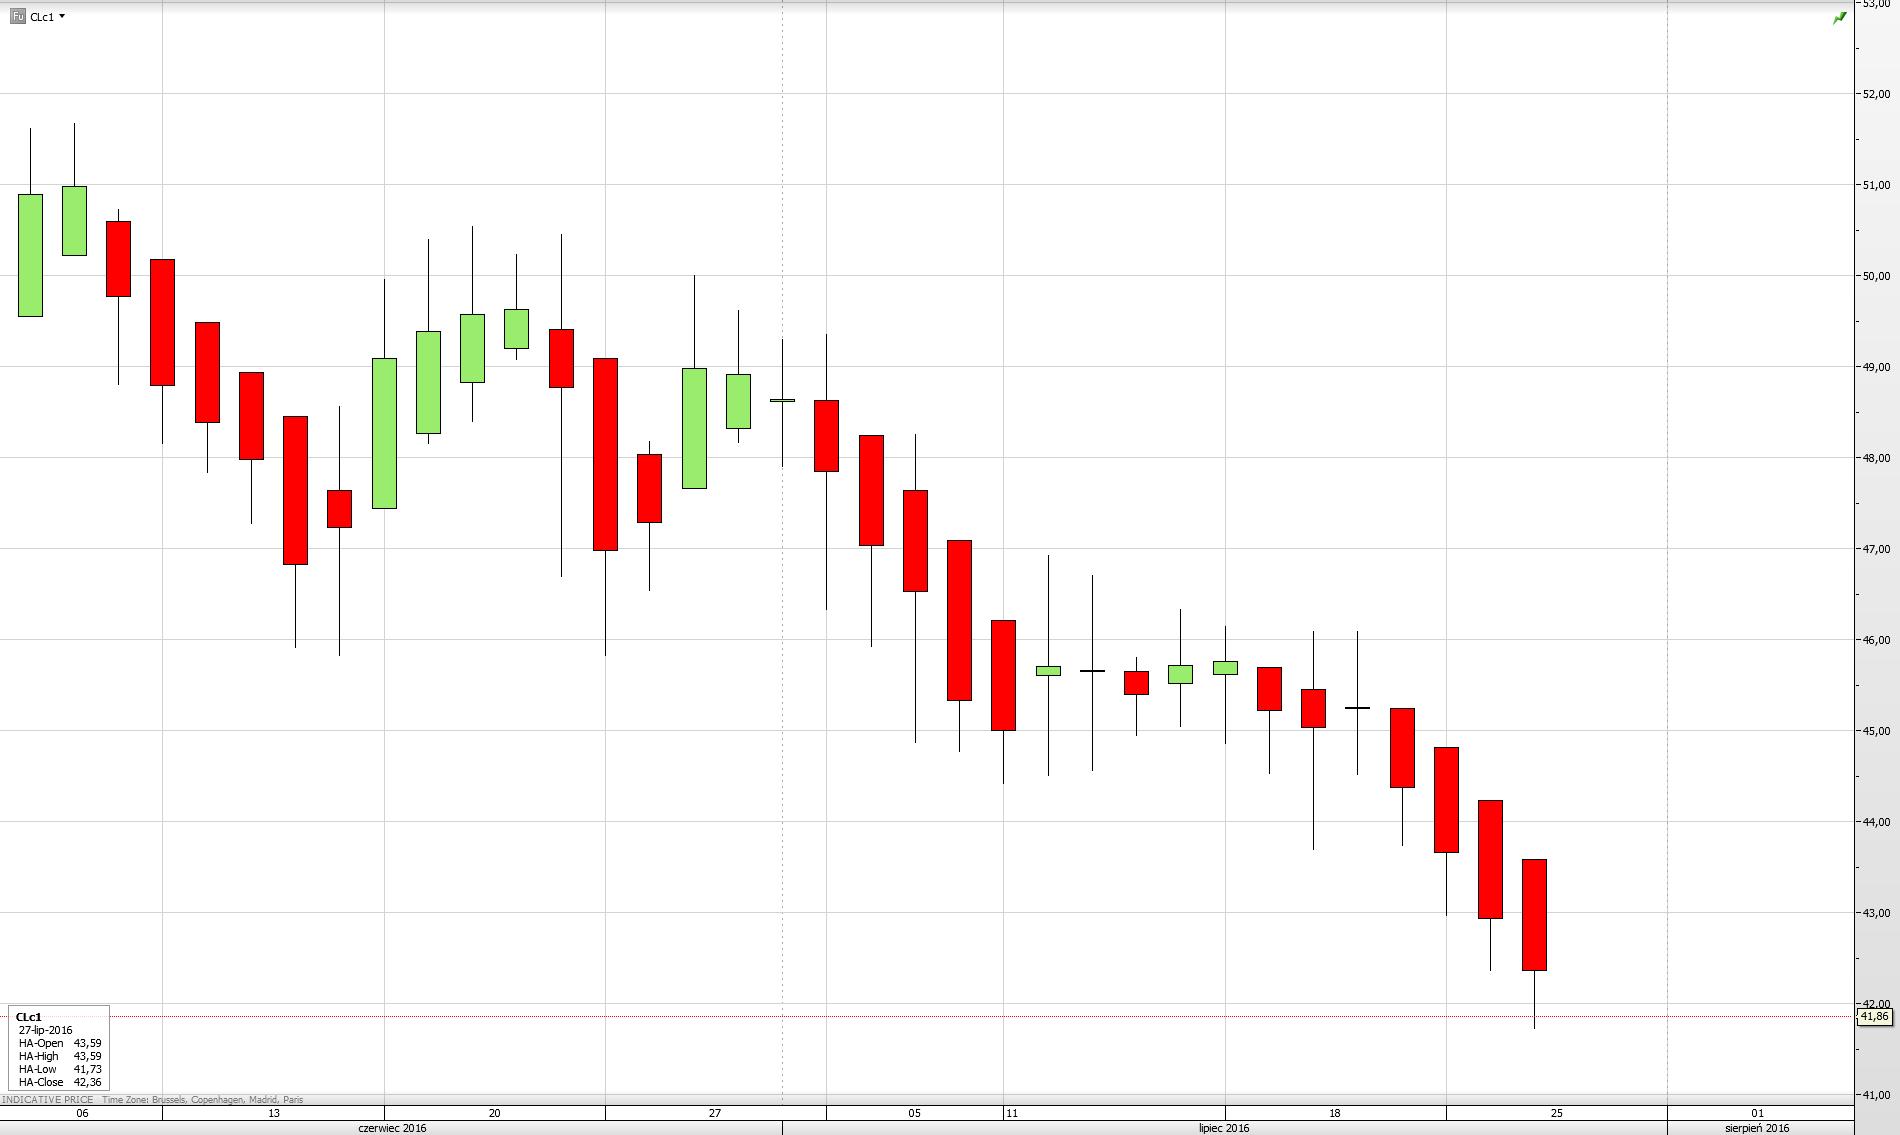 Wykres ceny baryłki ropy WTI - czerwiec/lipiec 2016